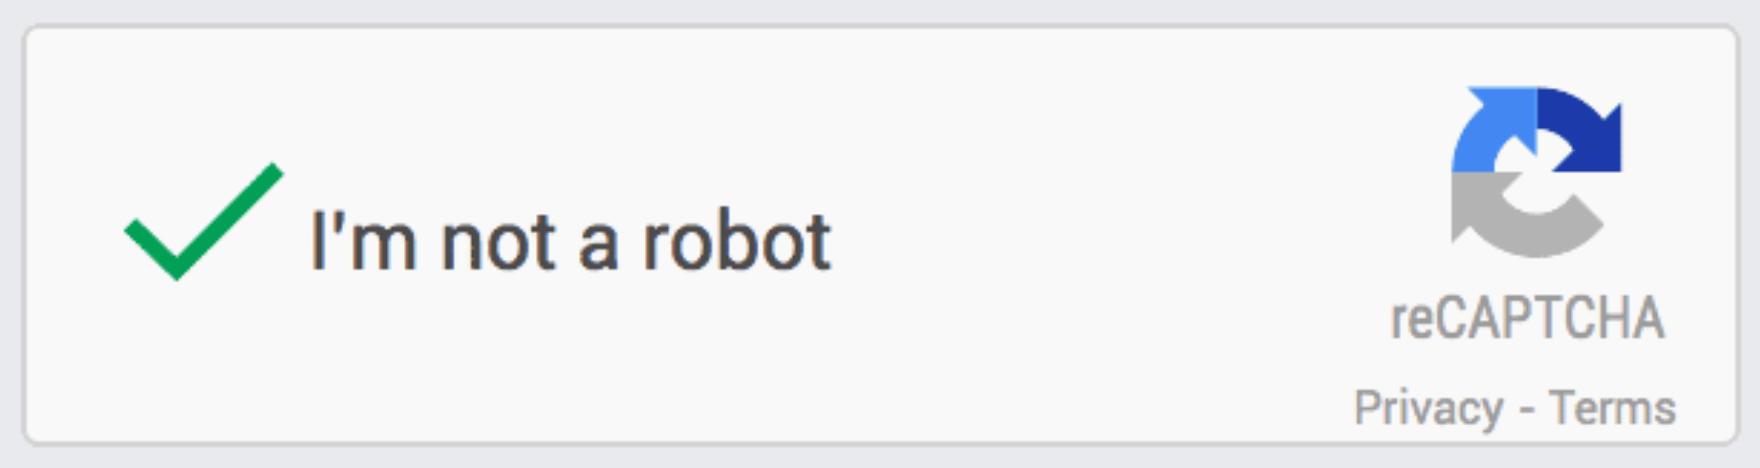 CAPTCHA box